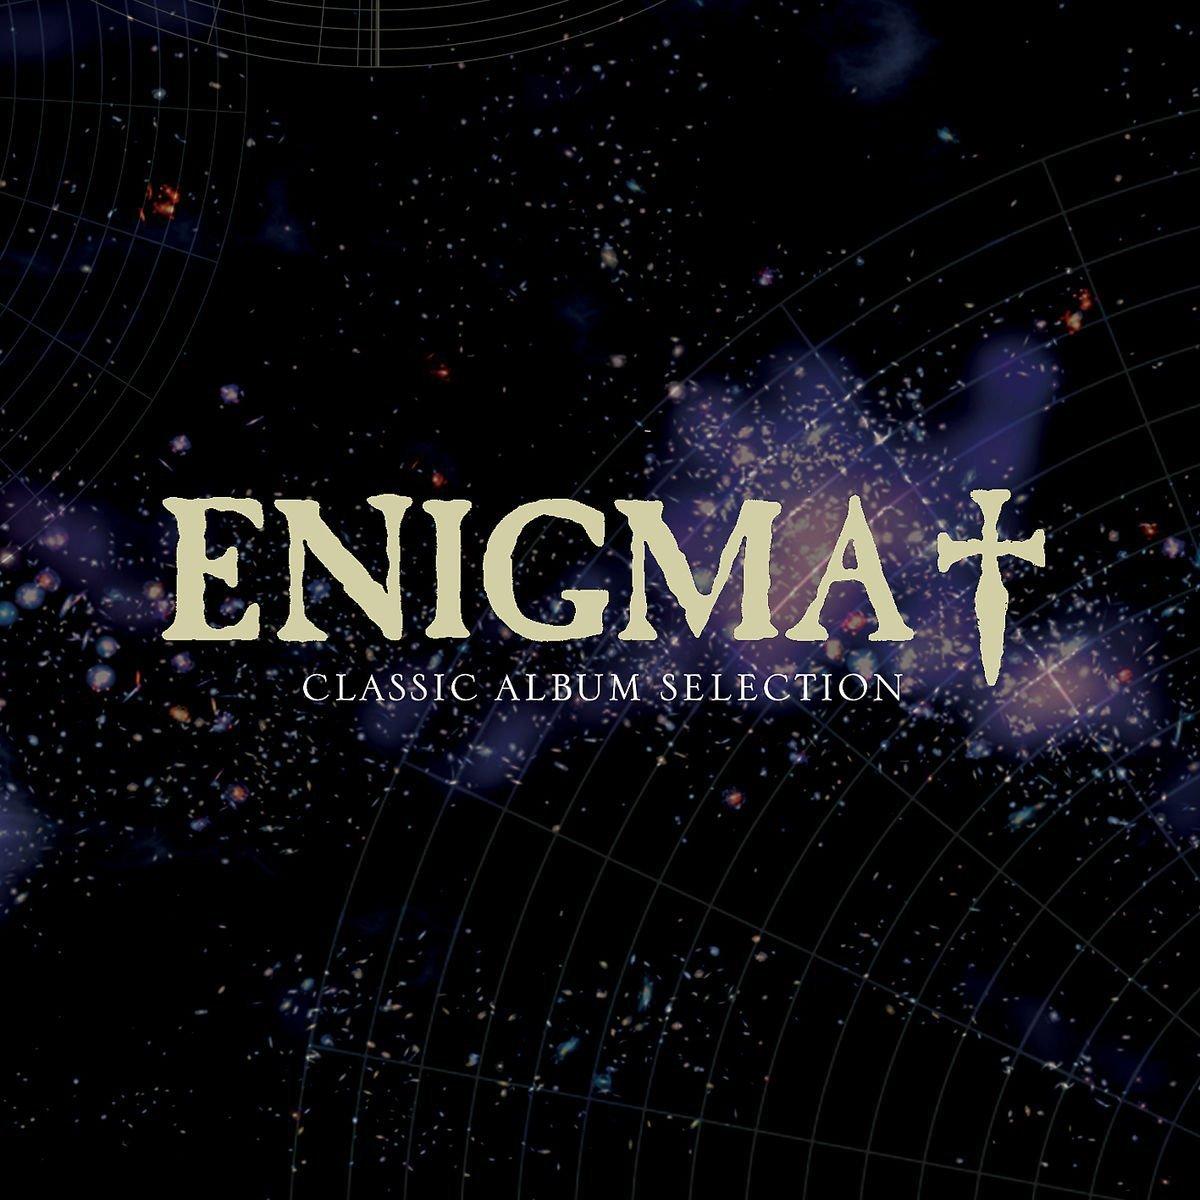 Photo enigma platinum collection full image - Photo Enigma Platinum Collection Full Image 46